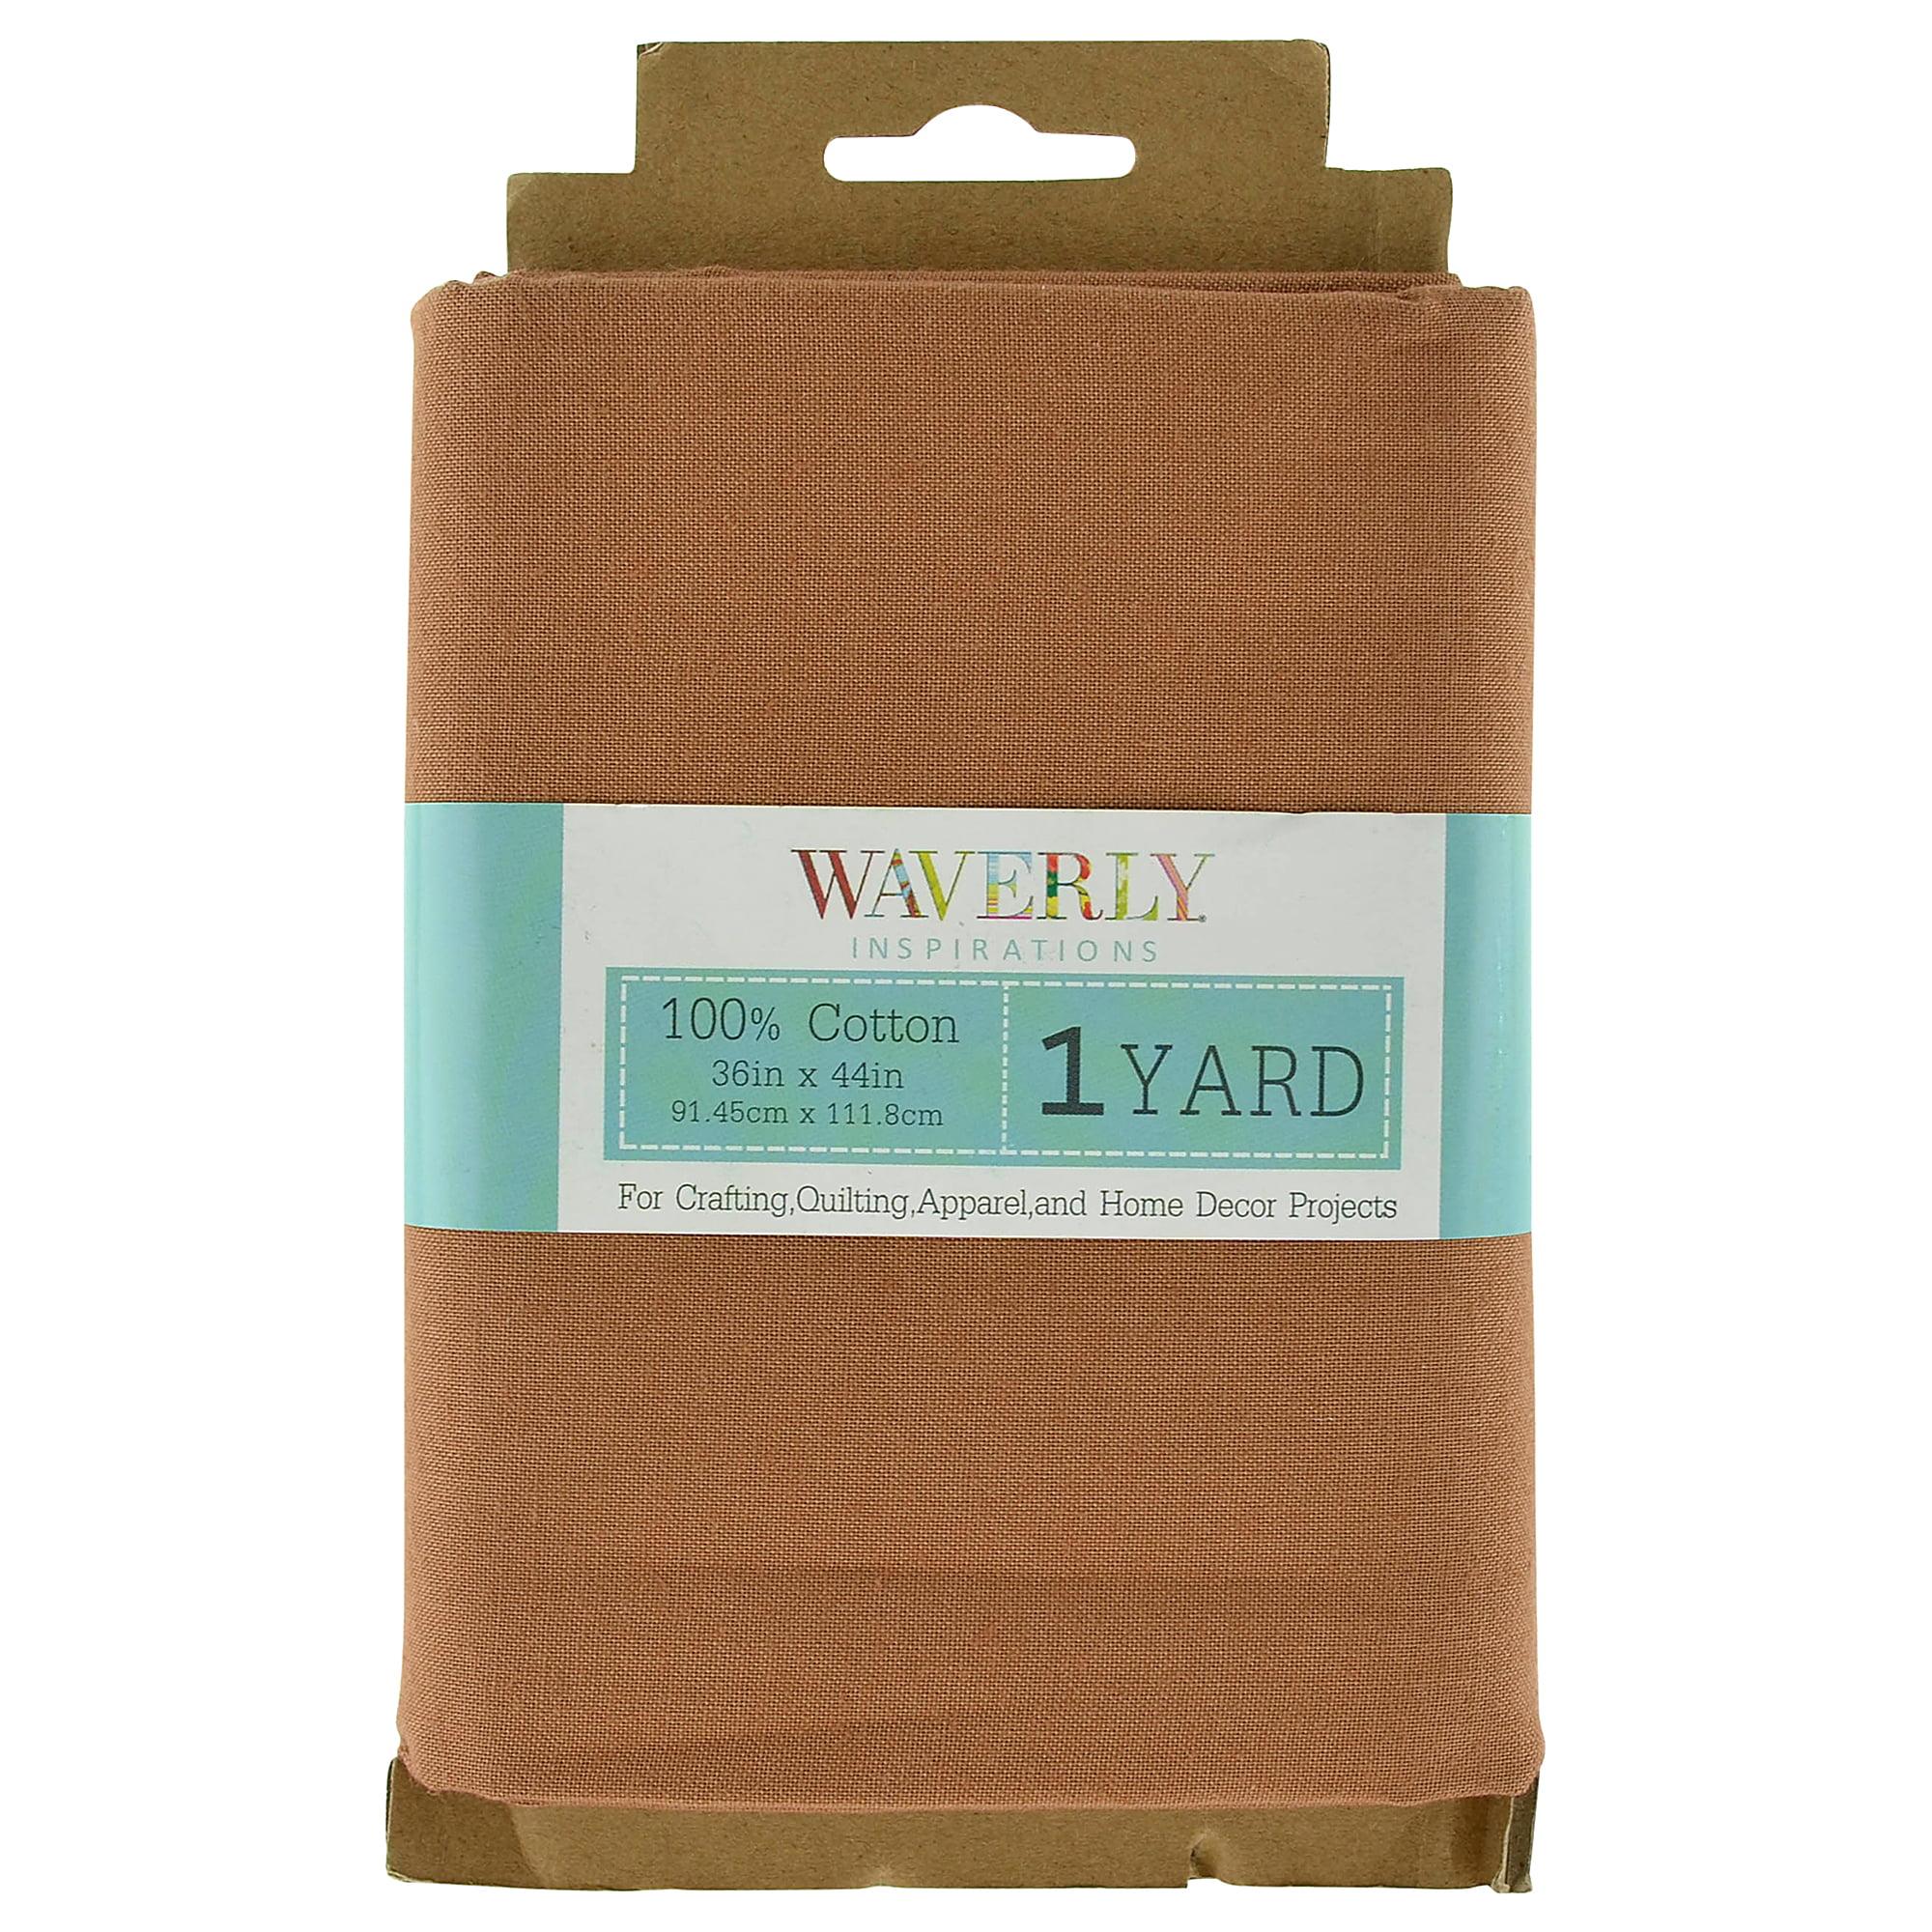 Waverly Inspirations 100 Percent Cotton Fabric, Hazelnut, 1 Yard